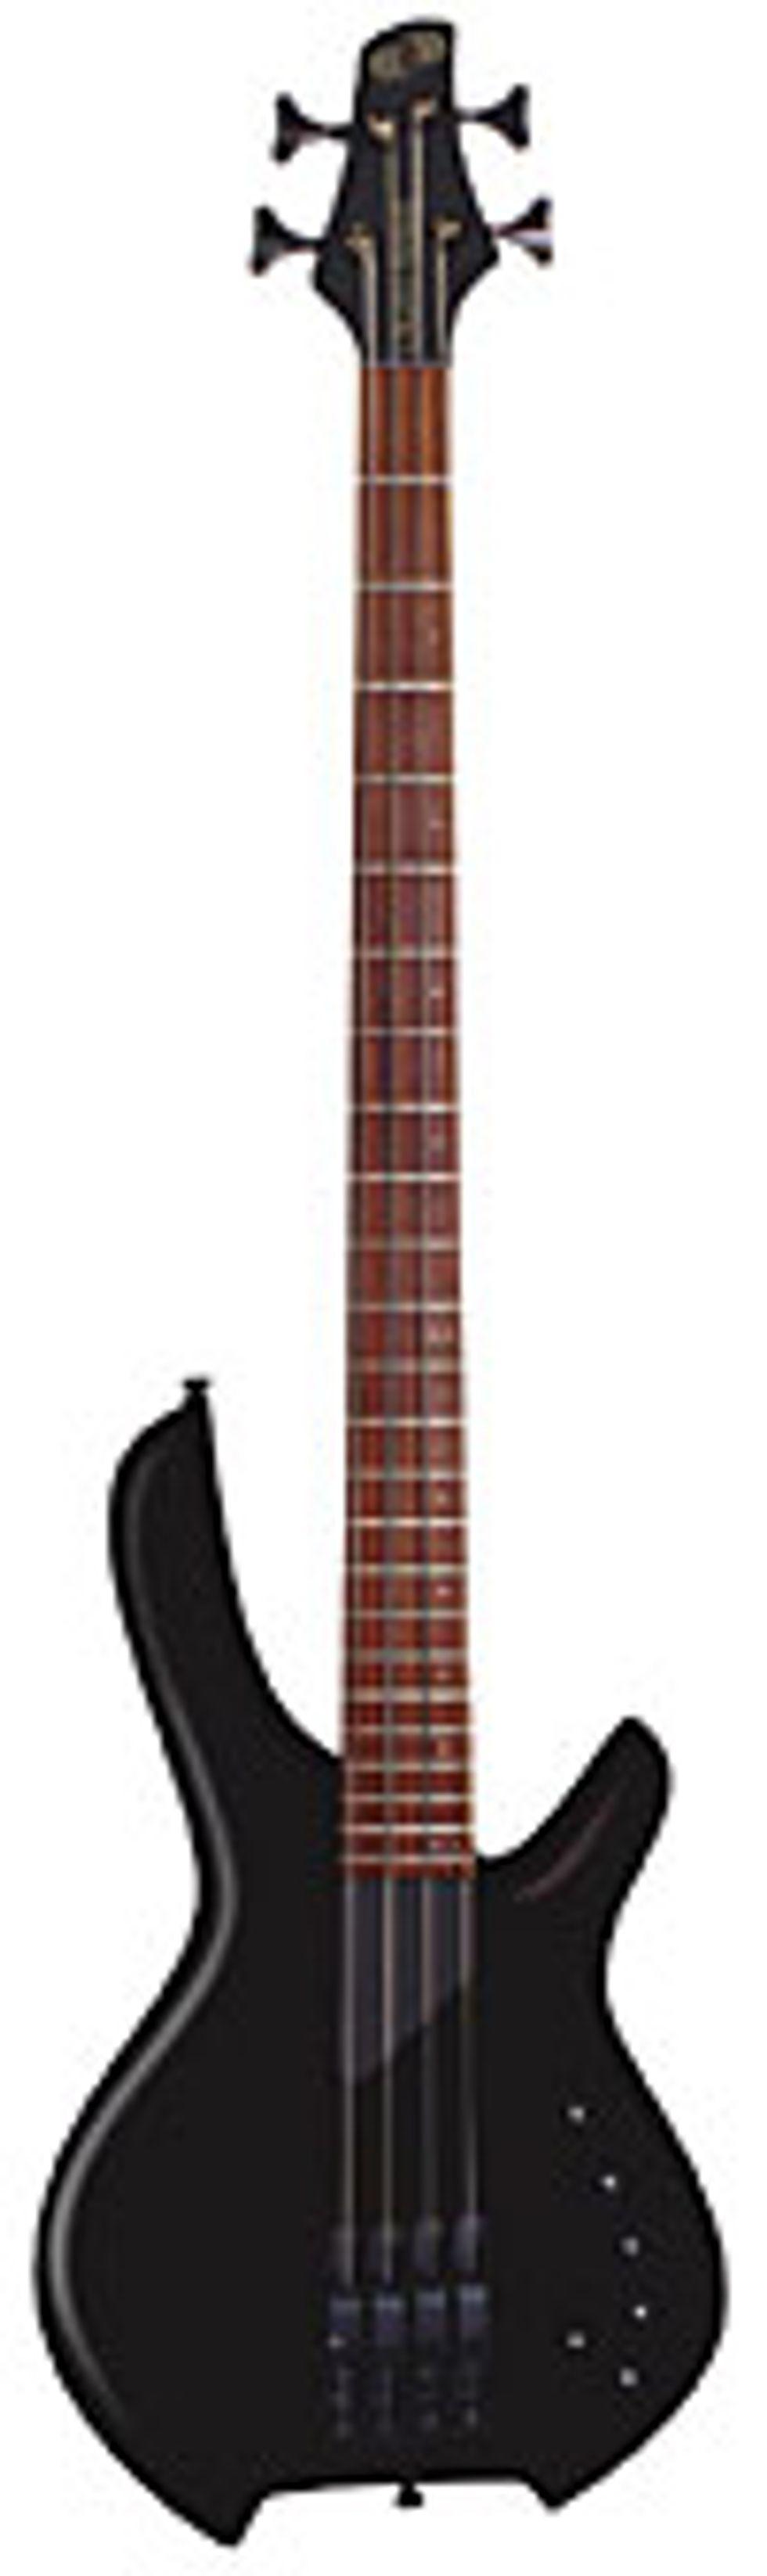 LightWave Saber SL Bass